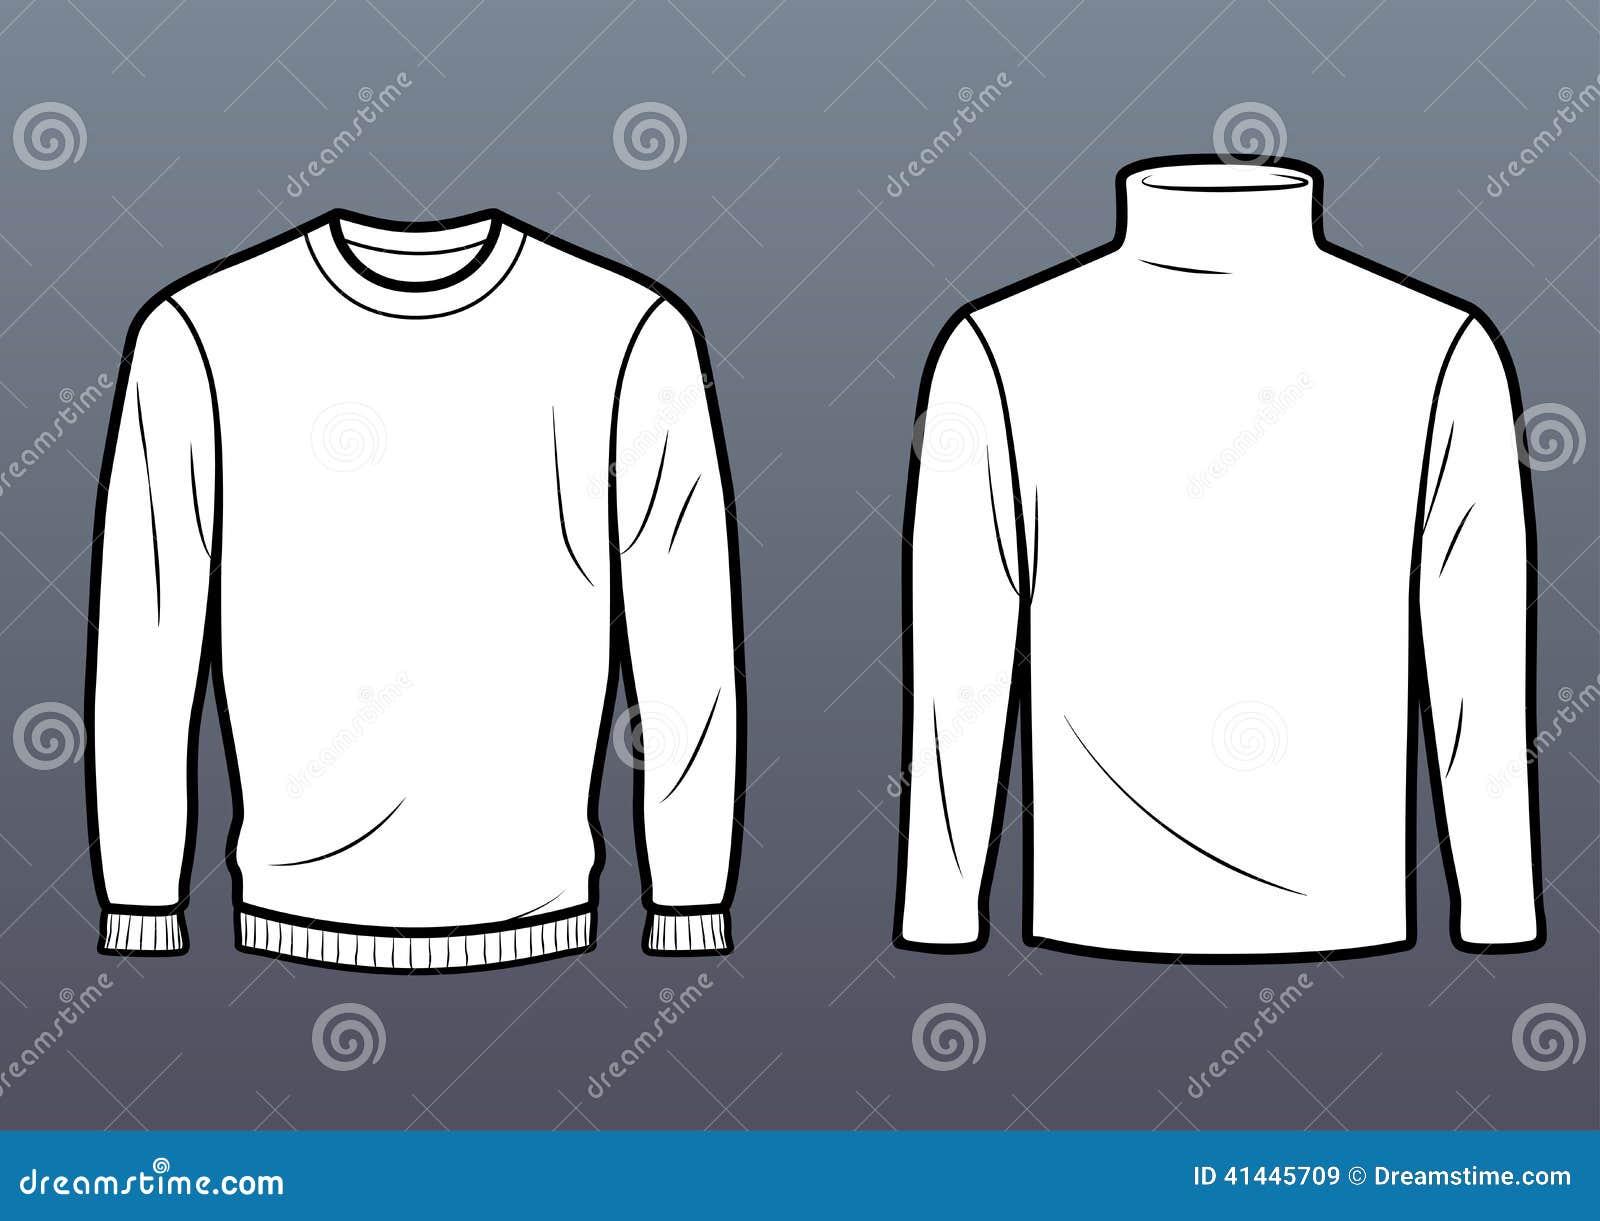 Create Own Shirt Design